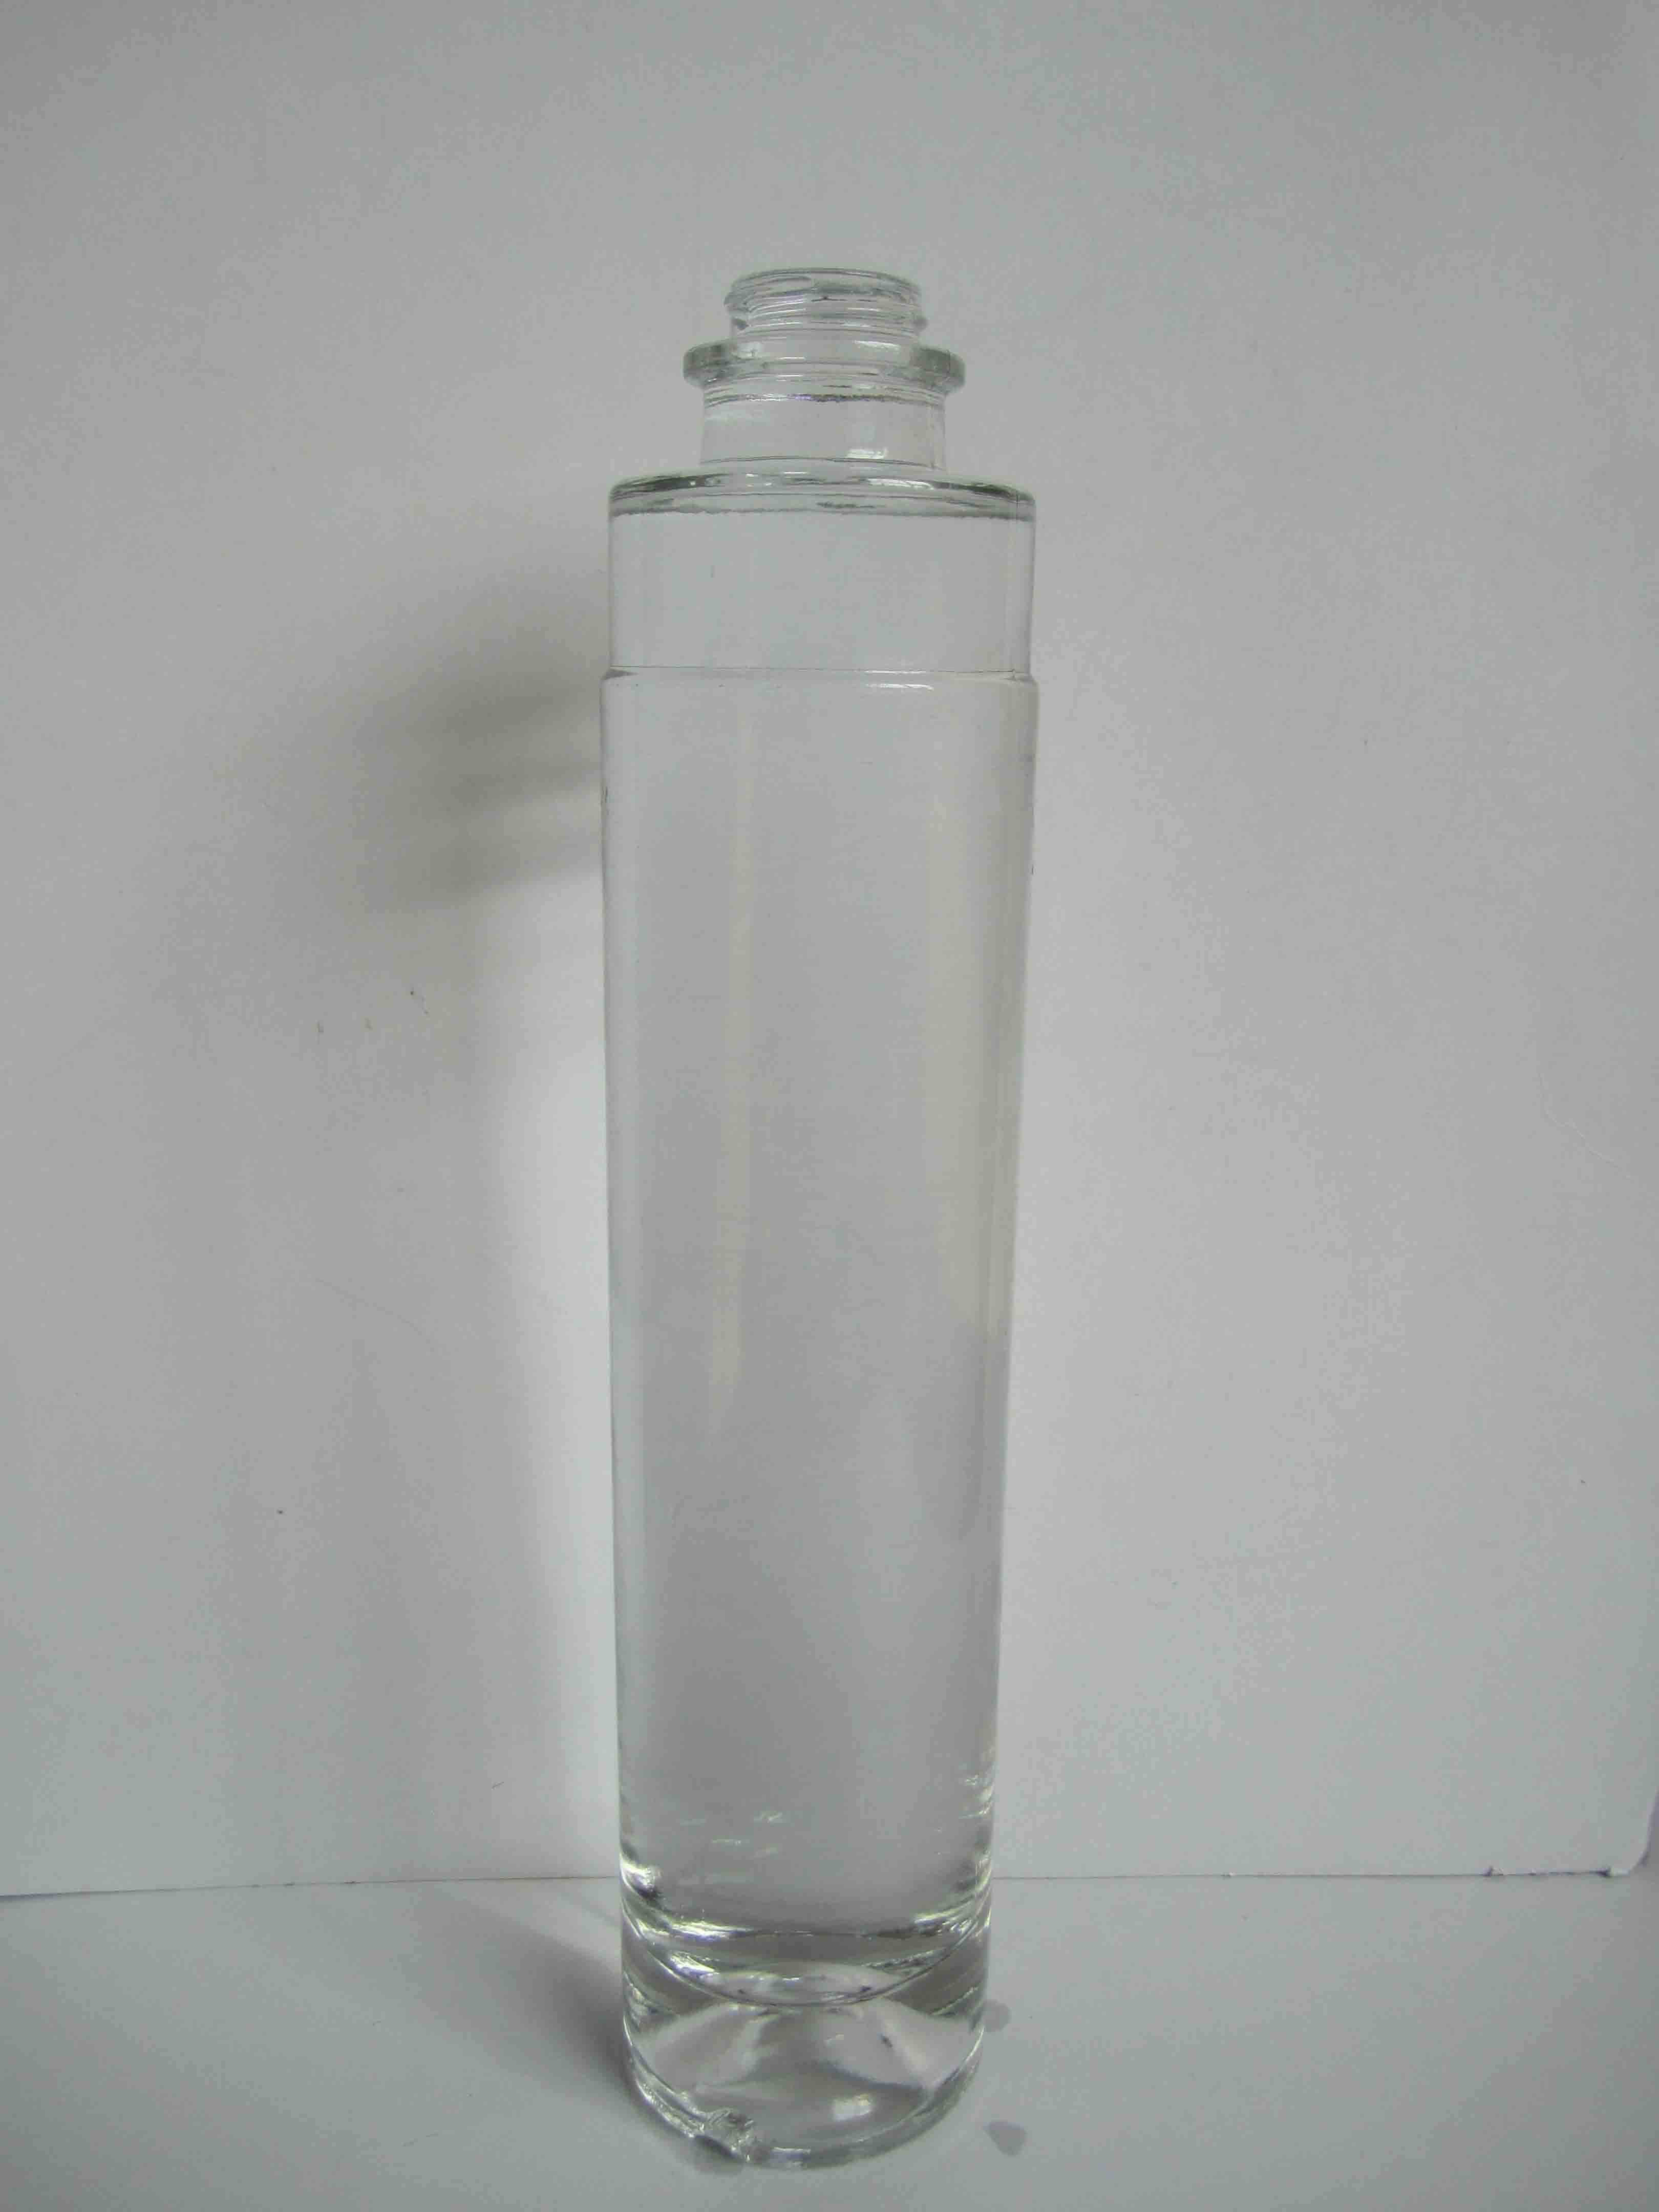 China 750ml Cylindrical Glass Bottle Wine Whisky Beverage China Wine Glass Bottle And Beverage Glass Bottle Price